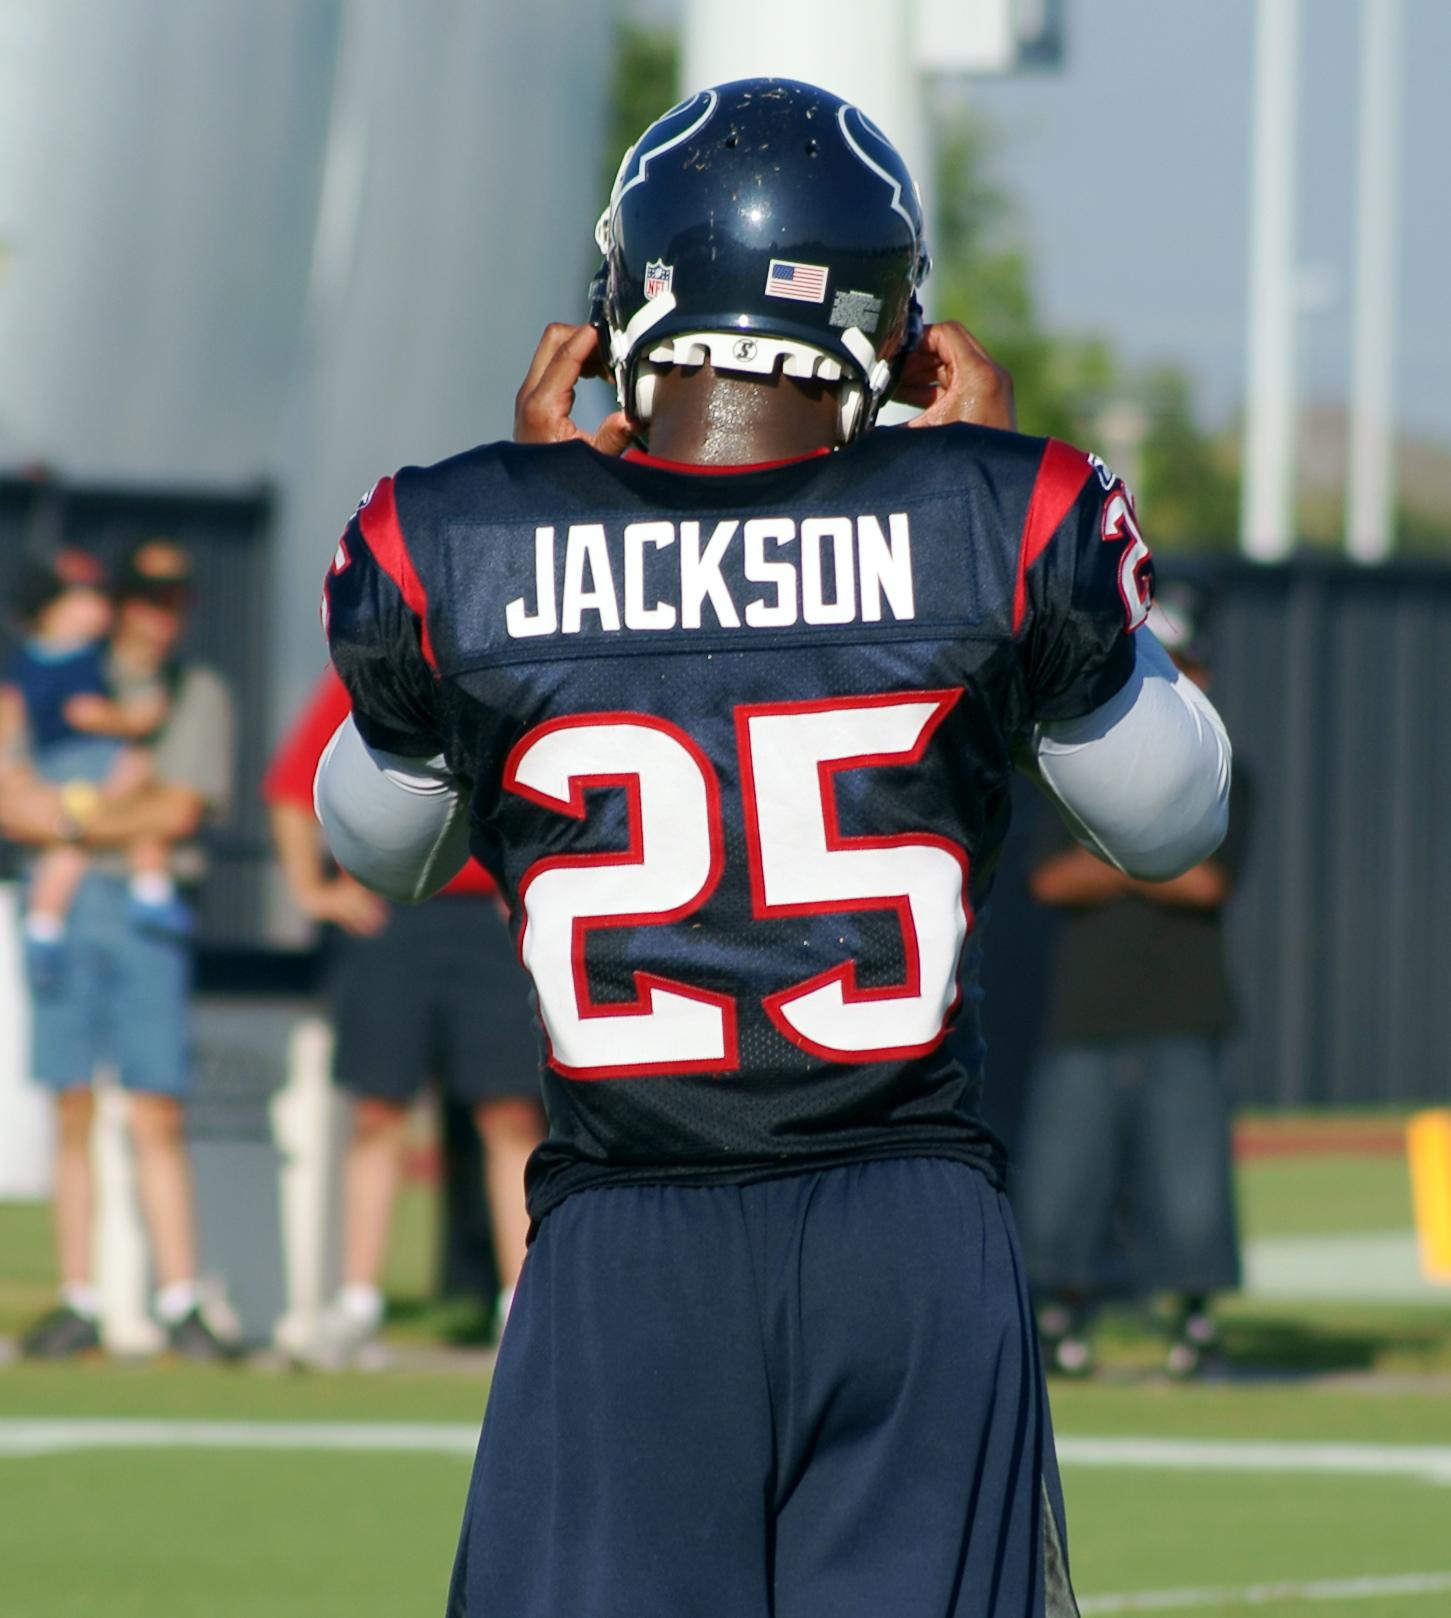 kareem jackson texans jersey